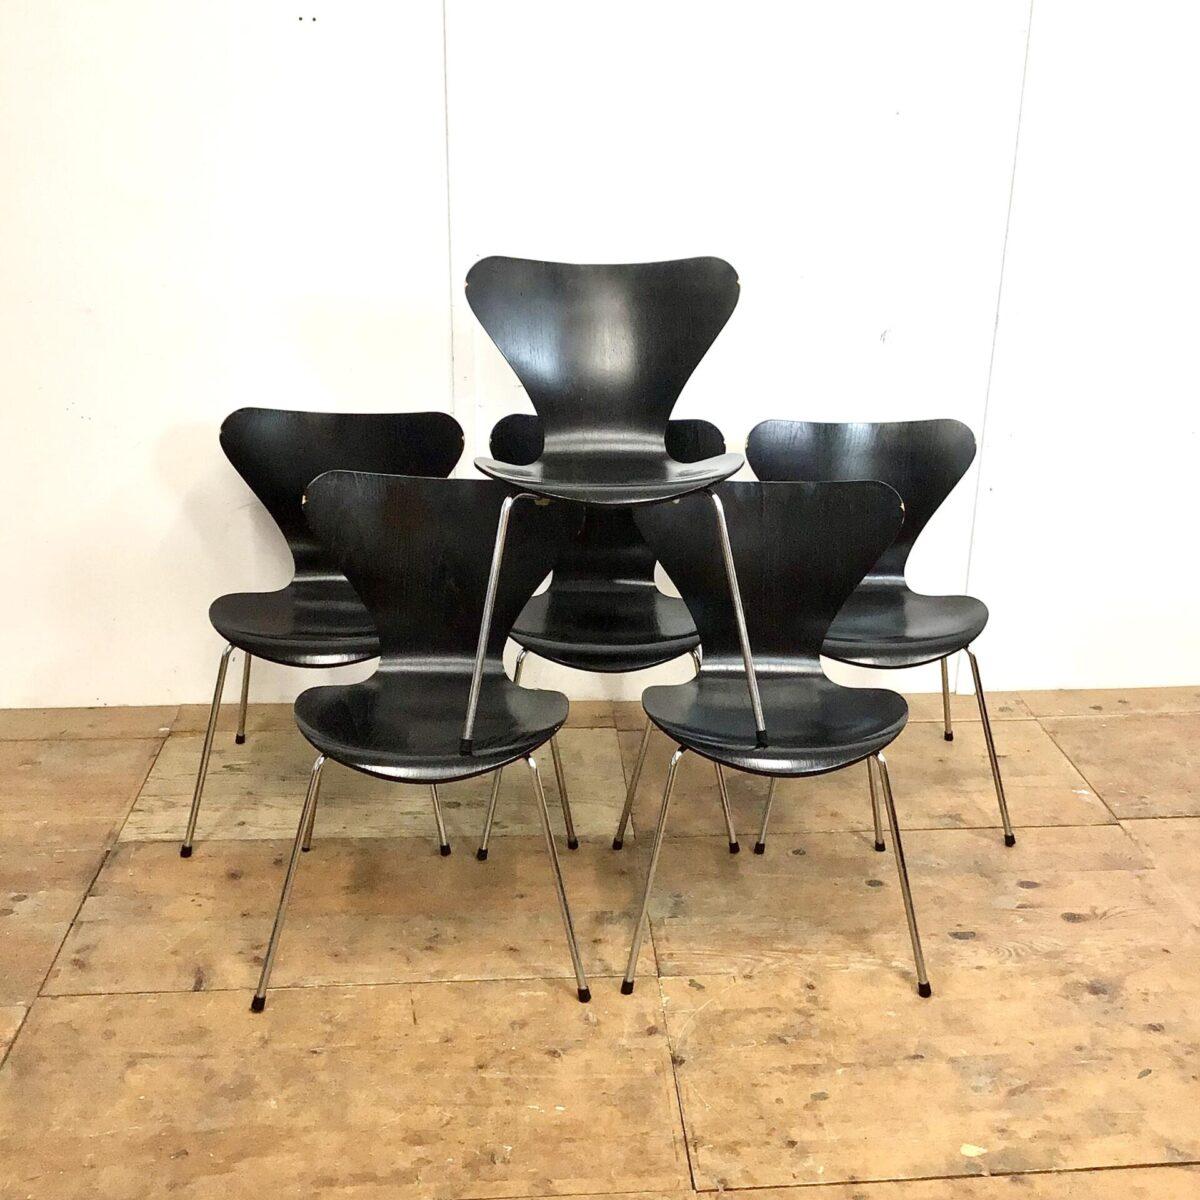 Deuxieme.shop Danish dinningchairs. 6 Arne Jacobsen Stühle von Fritz Hansen. Schwarze Esszimmer Stühle stapelbar, technisch in gutem Zustand. Die Lehnen haben oben kleinere Farb abplatzer, vom Kontakt mit der Tischkante. Der Serie 7 Stuhl ist ein bewährter weit verbreiteter Stapelstuhl. Welcher in Mensas oder als Saalbestuhlung eingesetzt wird. Aber auch im Privatgebrauch sehr bequem schlicht, und zeitlos im Design.